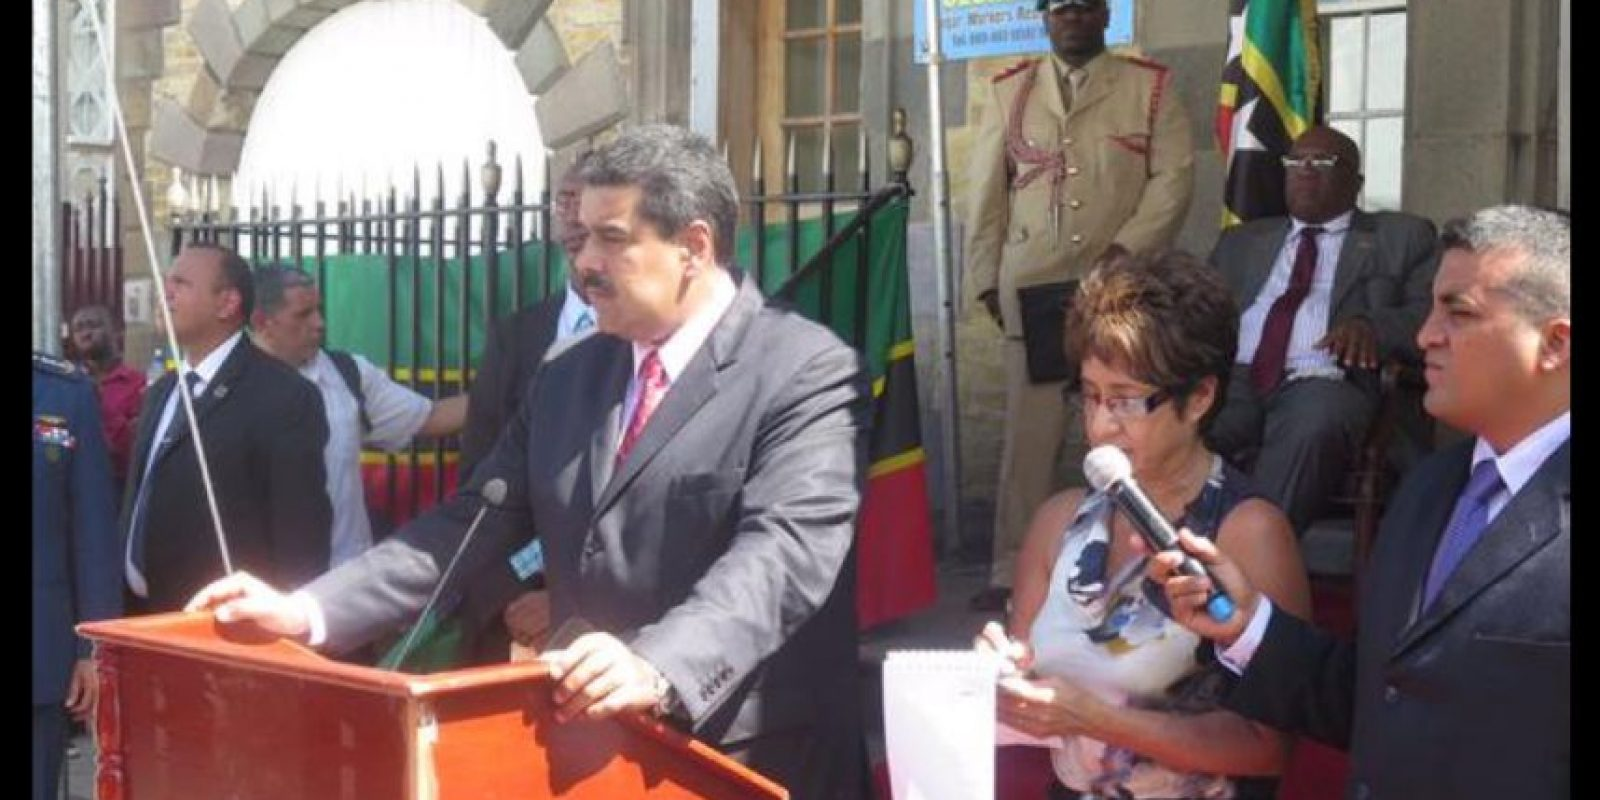 Tras la firma de dos acuerdos el presidente venezolano ofreció una conferencia de prensa. Foto:Vía Twitter @thomasramirezs